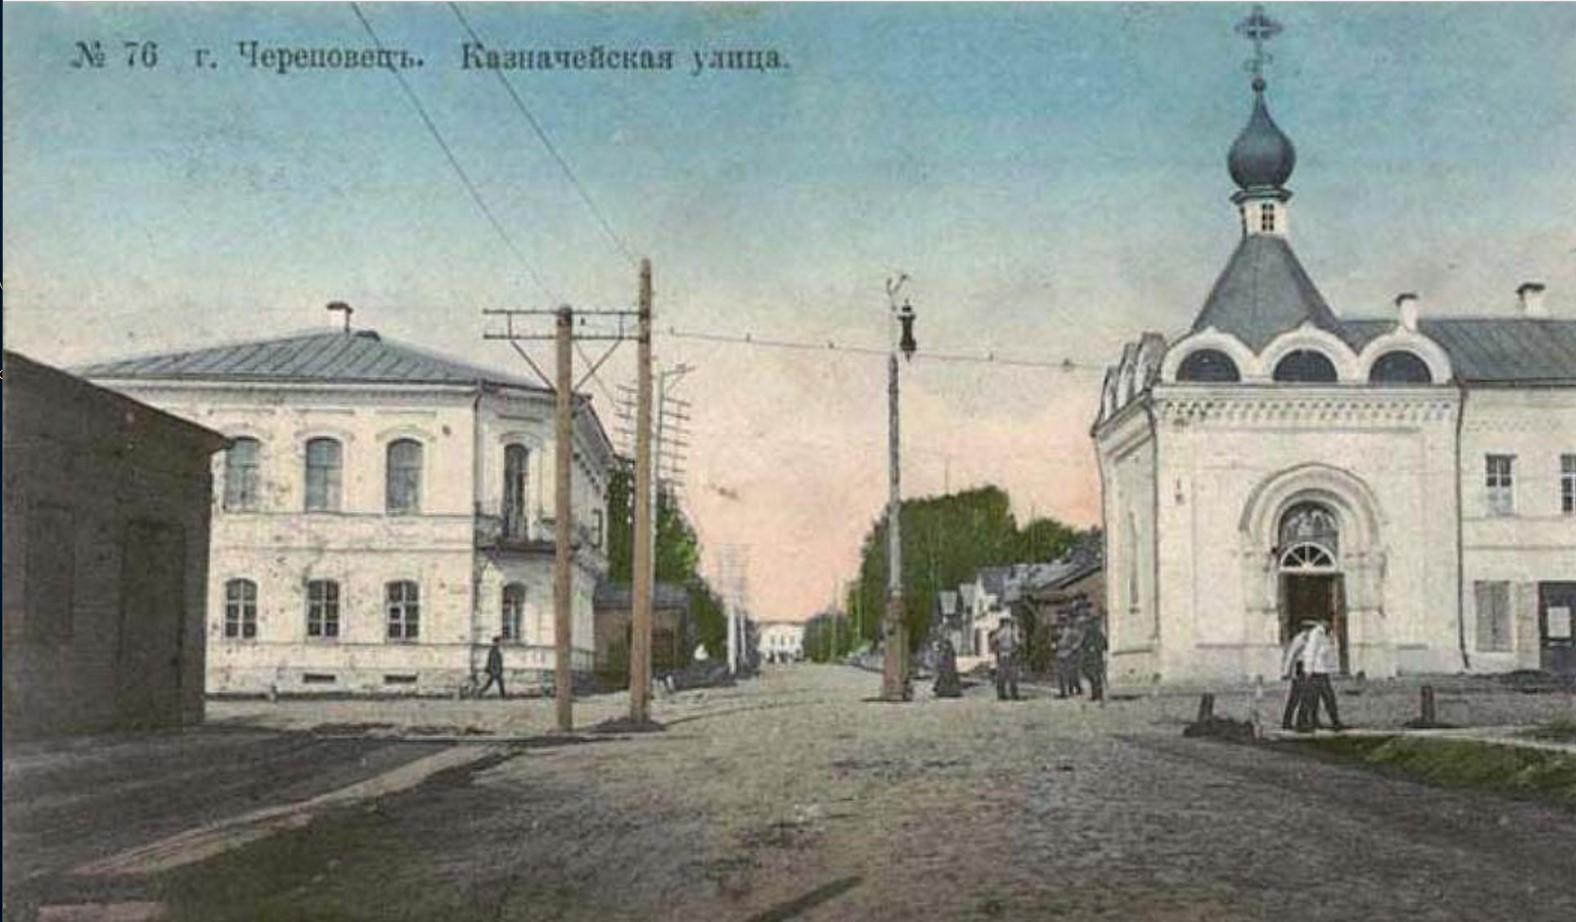 Казначейская улица